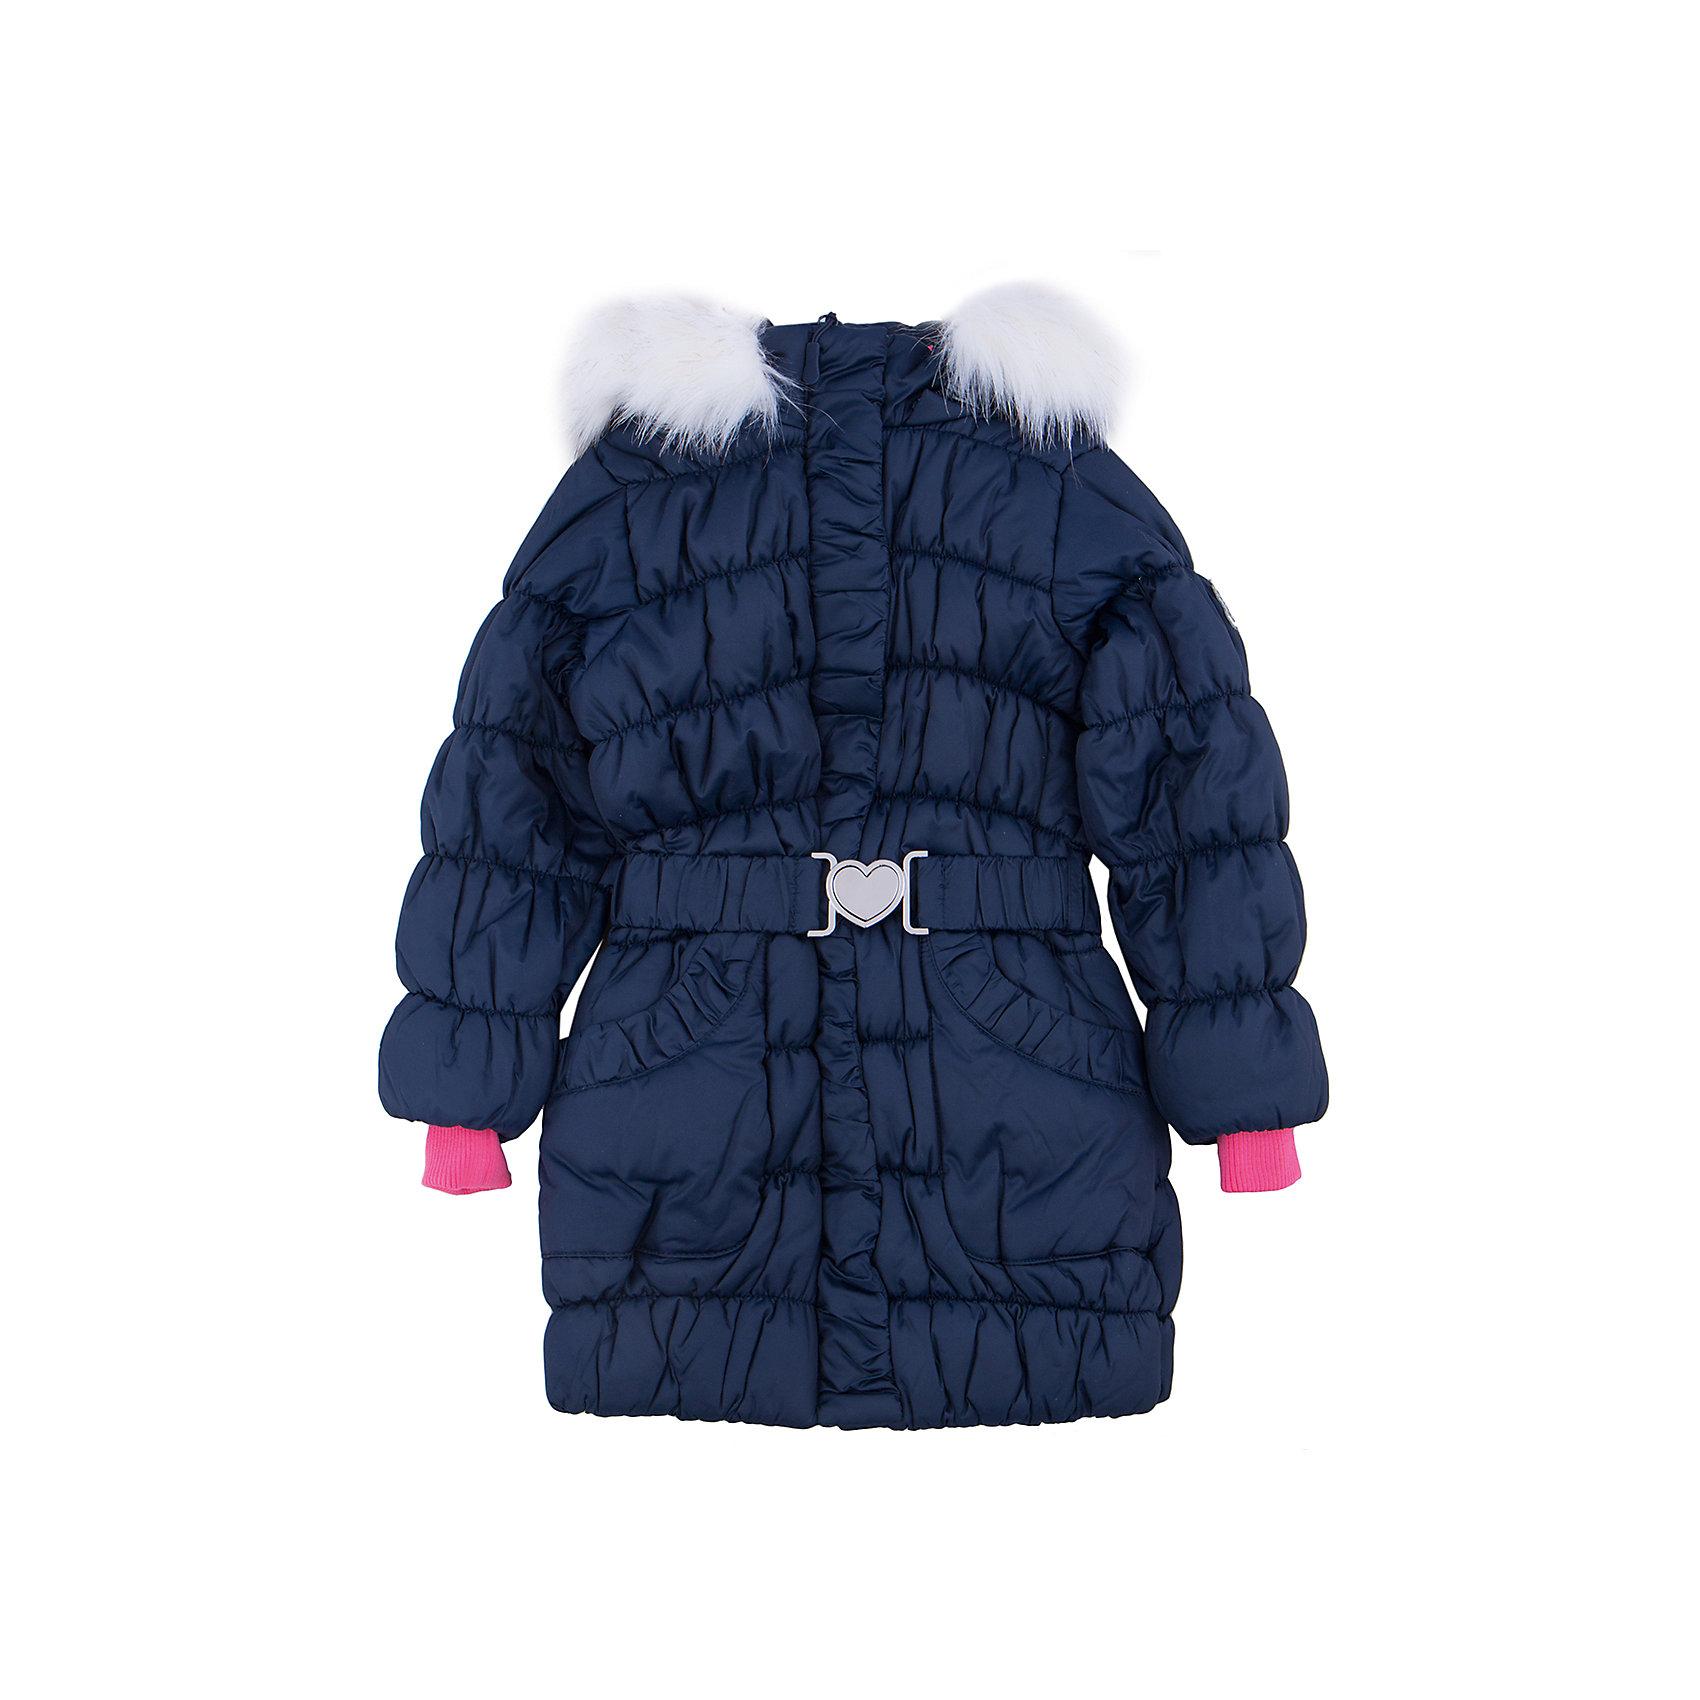 Пальто для девочки PlayTodayВерхняя одежда<br>Пальто для девочки от известного бренда PlayToday.<br>Теплое удлиненное пальто. Рукава и пояс на резинке. Застегивается на молнию, есть два функциональных кармана. Капюшон украшен искусственным белым мехом.<br>Состав:<br>Верх: 100% полиэстер, Подкладка: 100% полиэстер, Наполнитель: 100% полиэстер, 260 г/м2<br><br>Ширина мм: 356<br>Глубина мм: 10<br>Высота мм: 245<br>Вес г: 519<br>Цвет: синий<br>Возраст от месяцев: 36<br>Возраст до месяцев: 48<br>Пол: Женский<br>Возраст: Детский<br>Размер: 104,116,122,128,98,110<br>SKU: 4897976